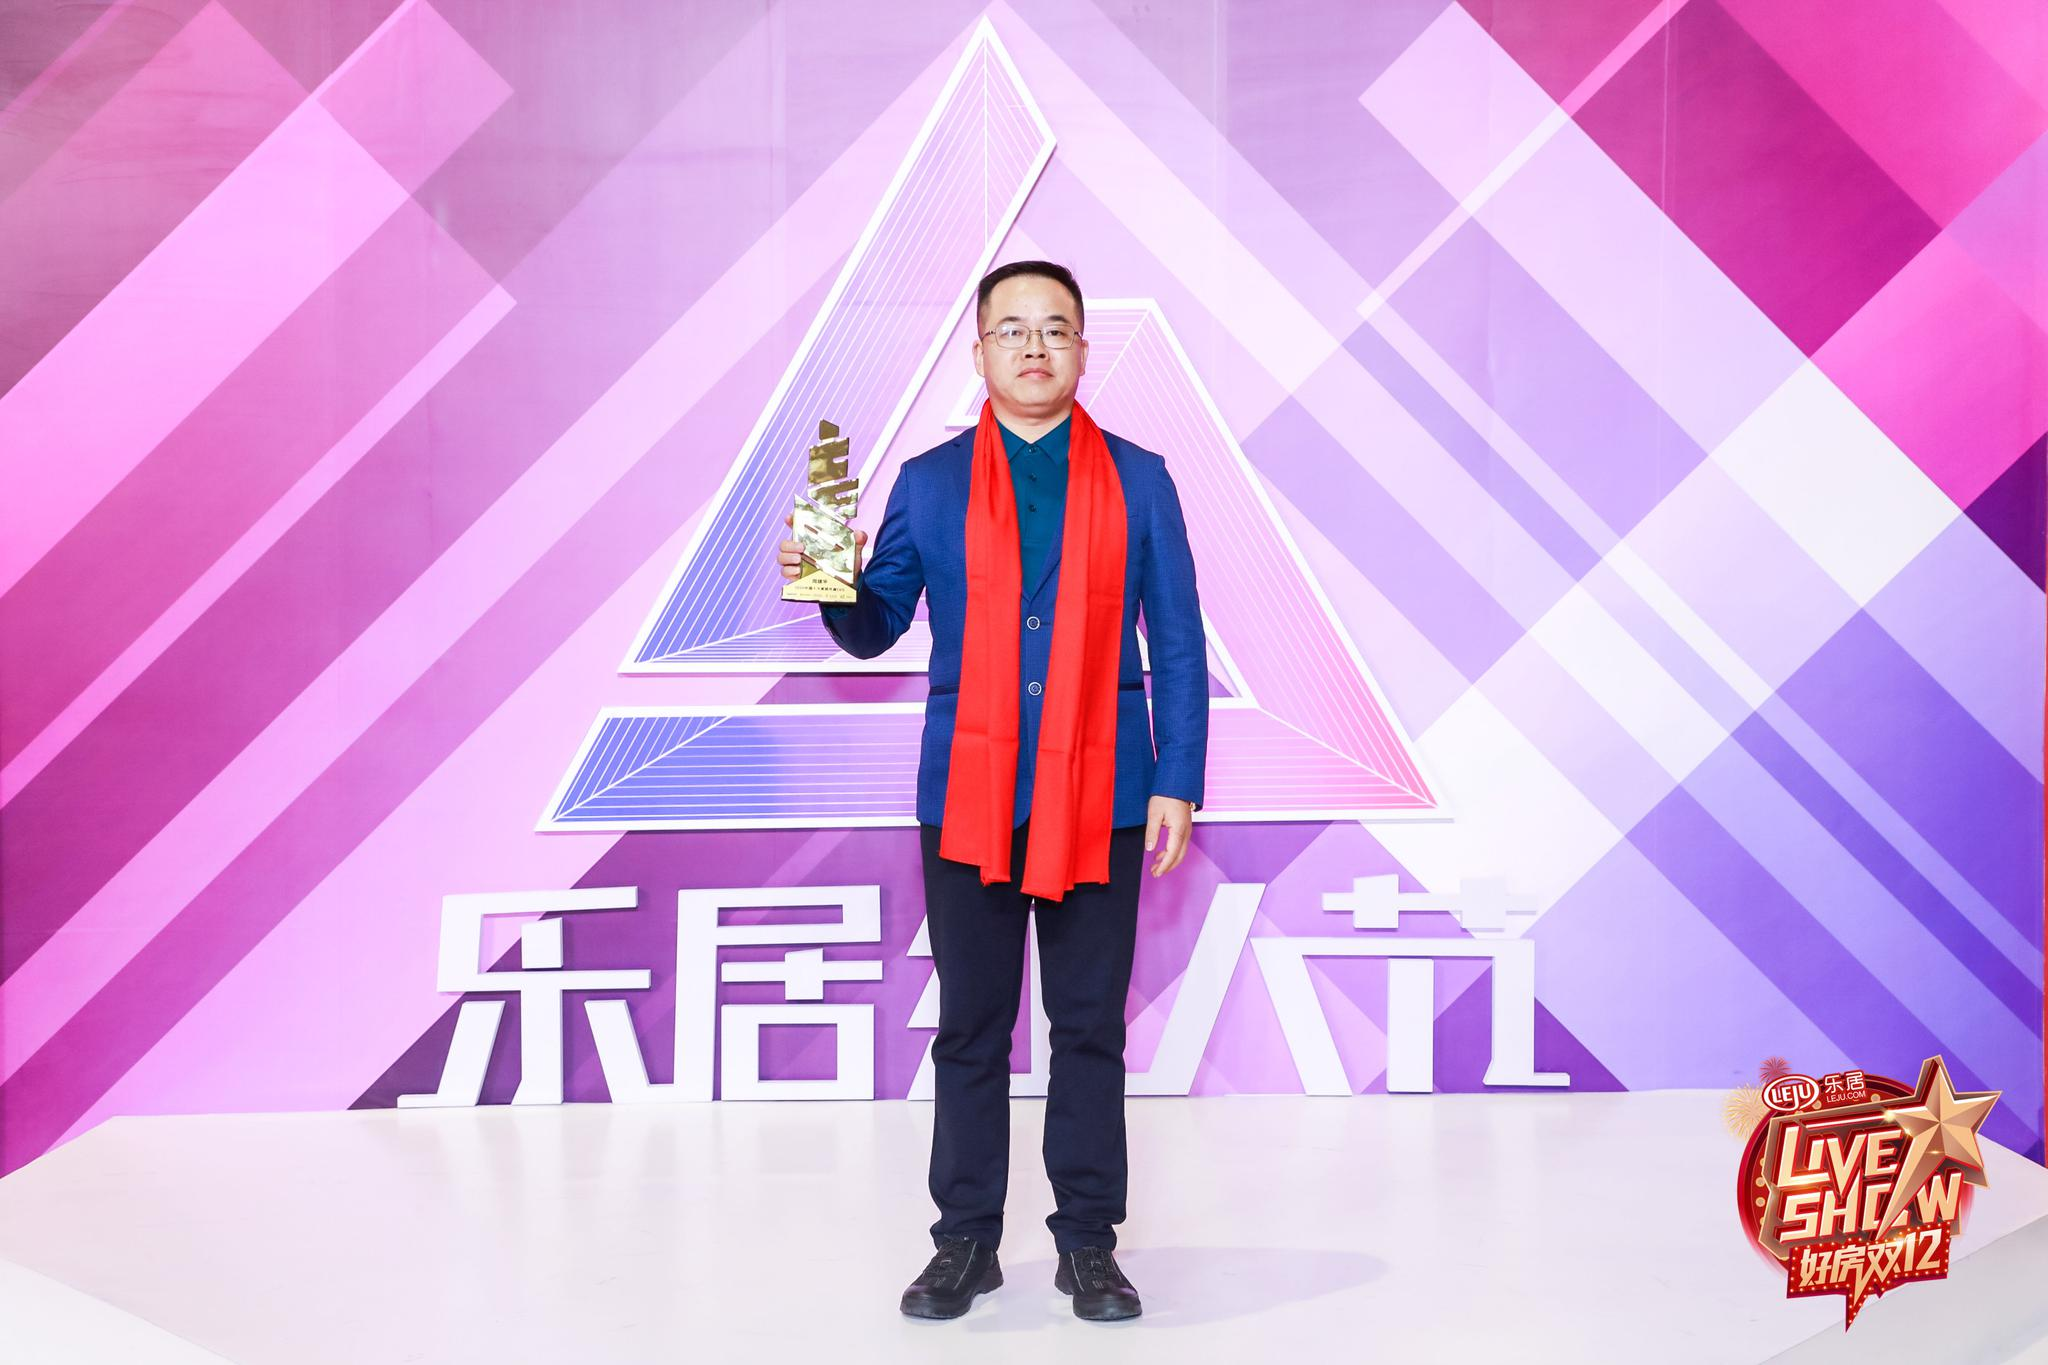 快讯:CBD家居周建平荣获2020中国十大家居年度CEO